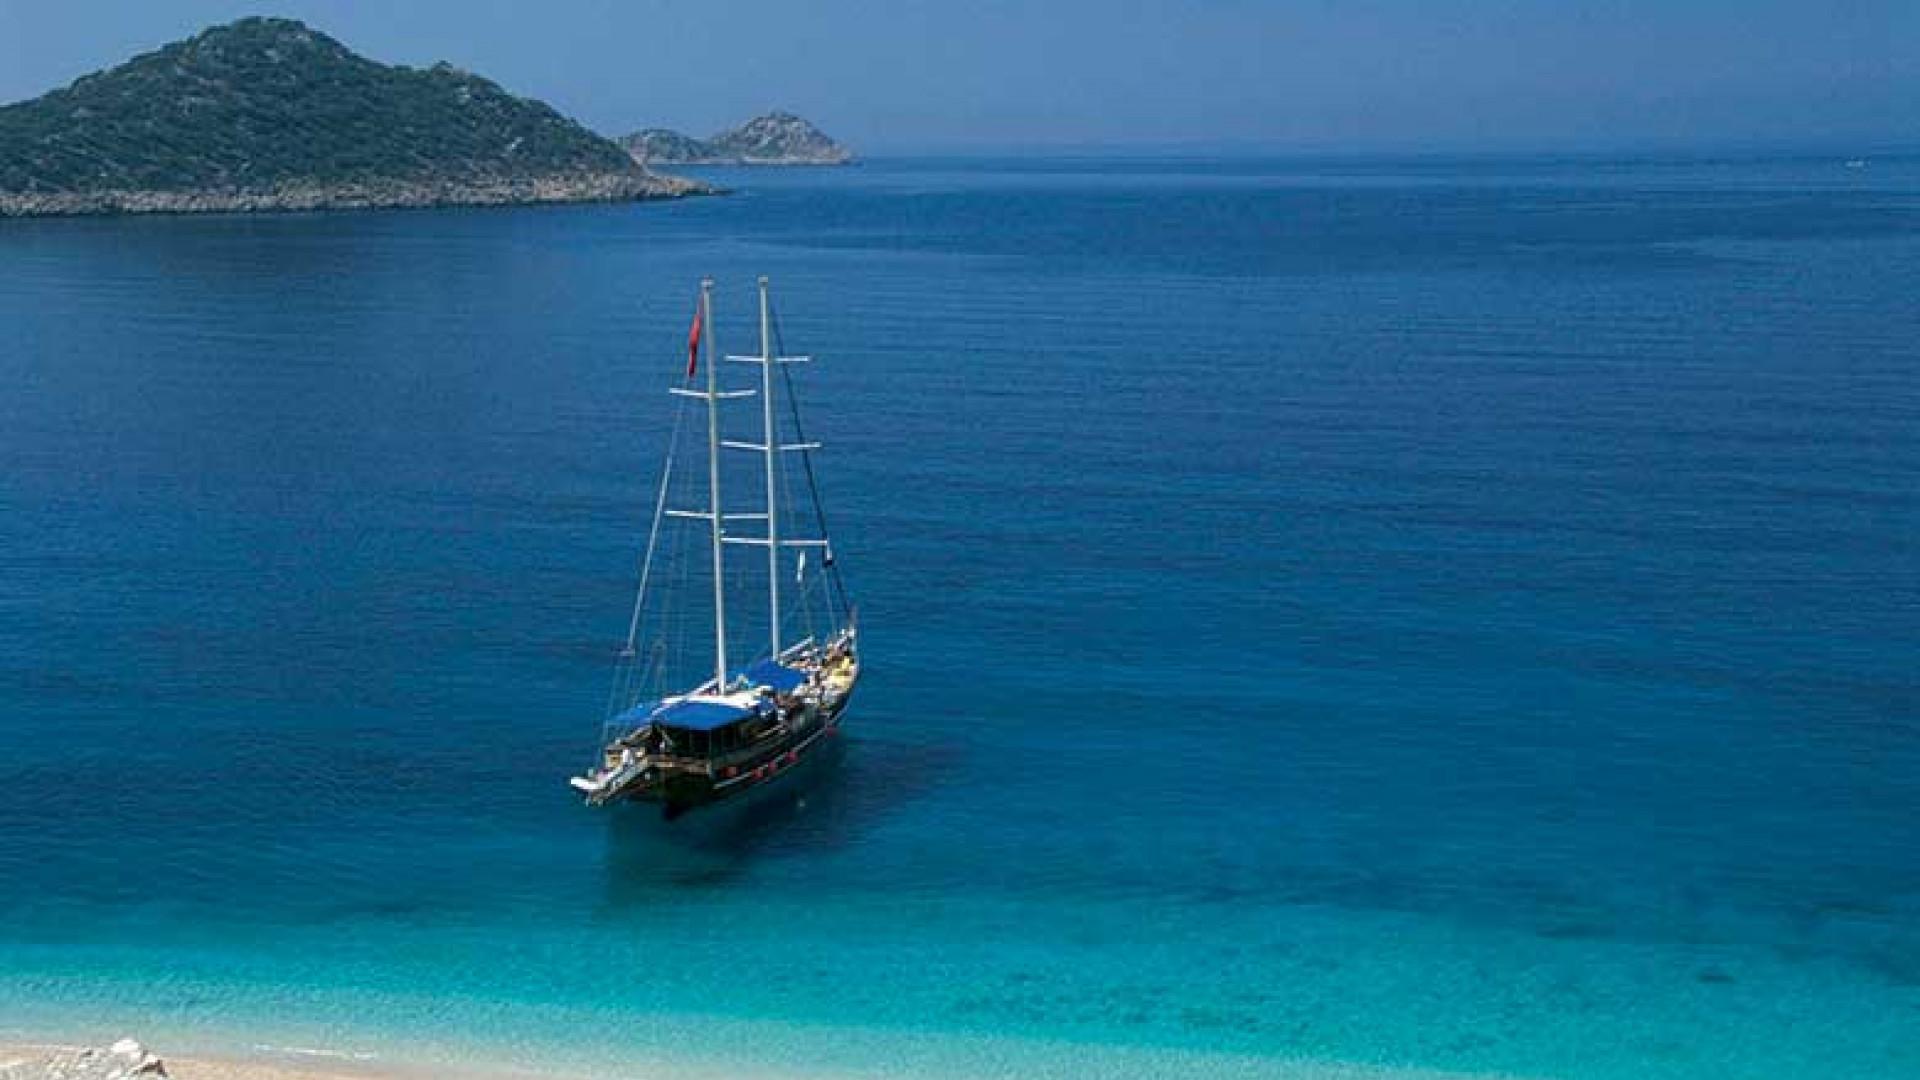 Sailing the Turkish coast